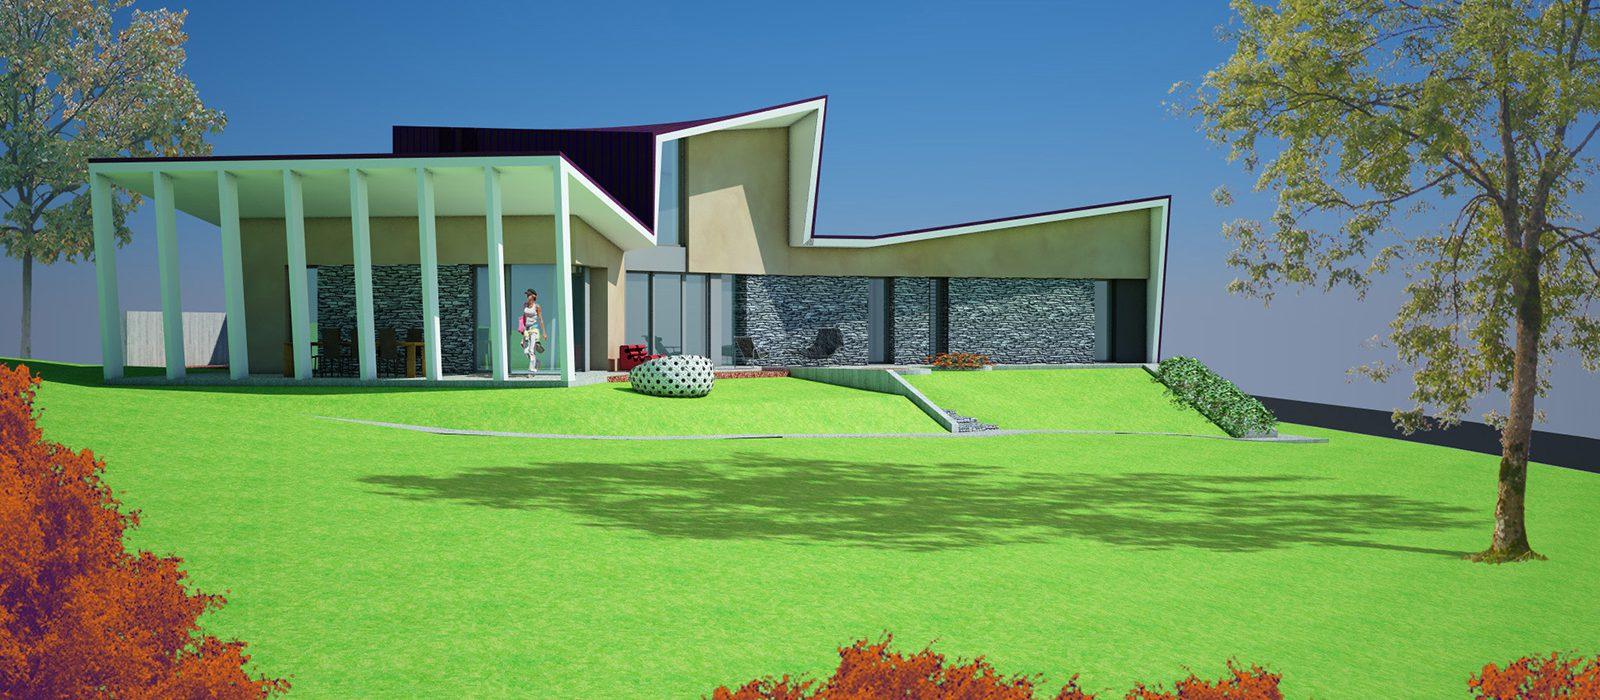 02_progetto_residenziale_studio_architettura_giuseppe_passaro_r02-15